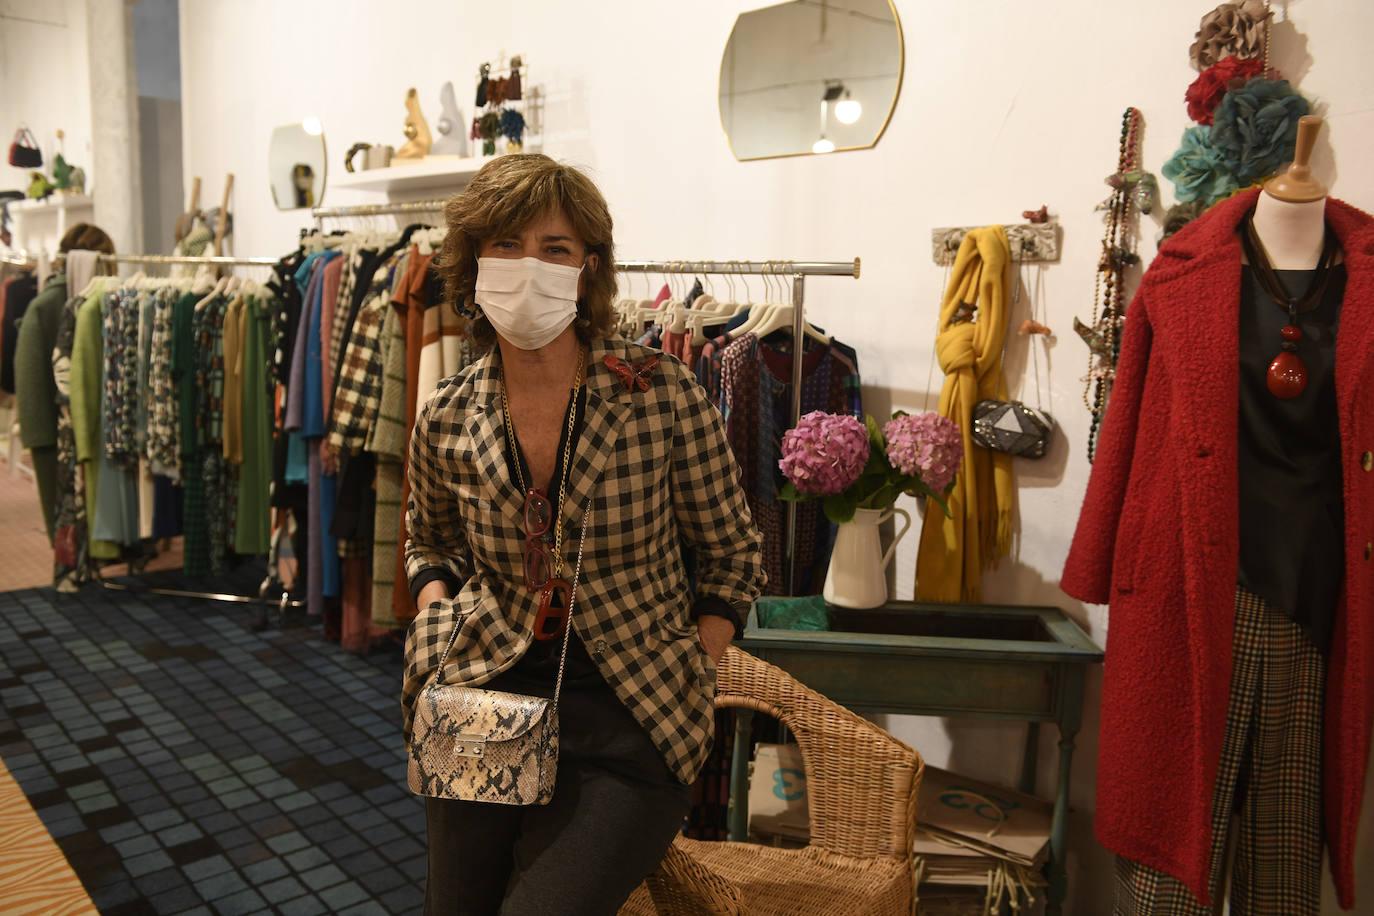 Cristina Barrilero, de la tienda madrileña '23', en su puesto.